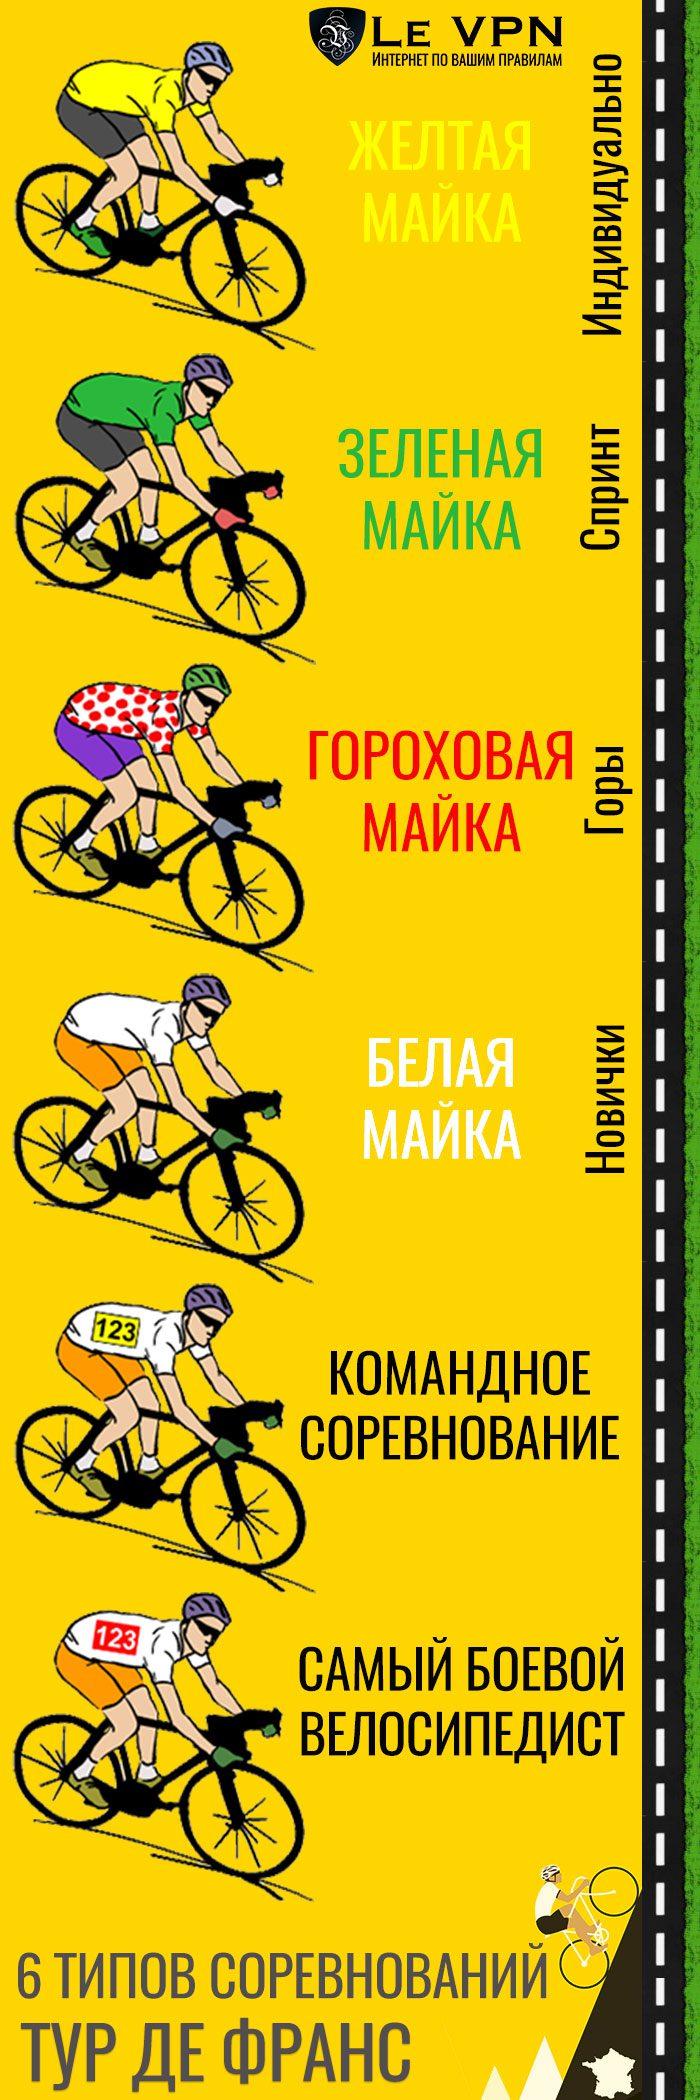 Как смотреть Тур де Франс онлайн в прямом эфире   Как смотреть Тур де Франс в прямом эфире   Le VPN